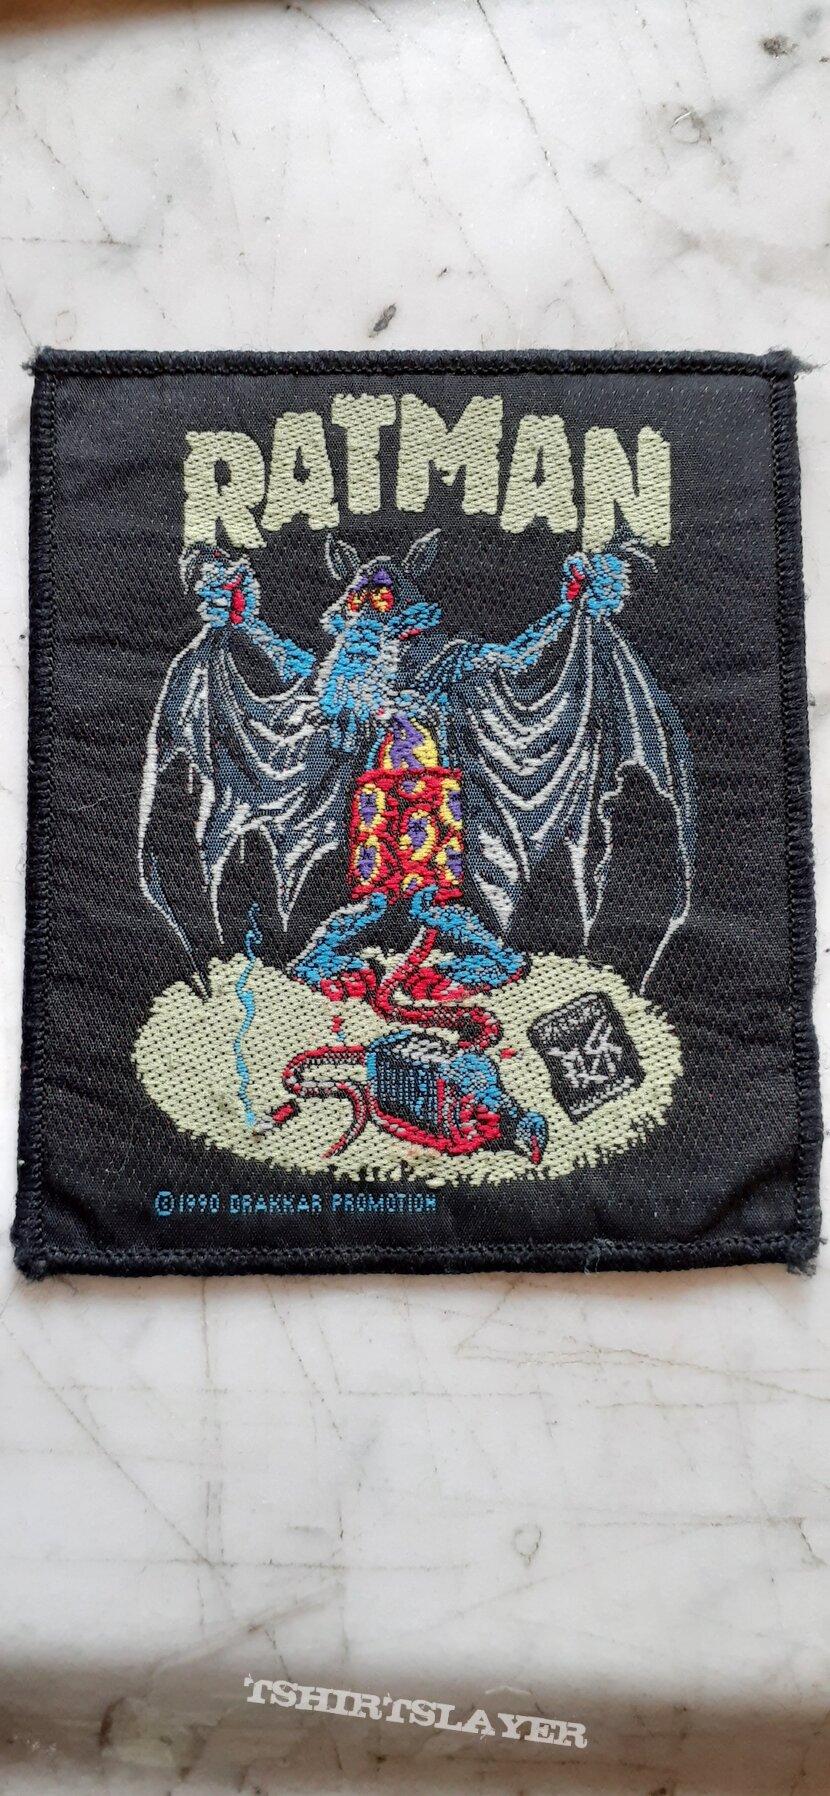 Risk - Ratman Patch 1990